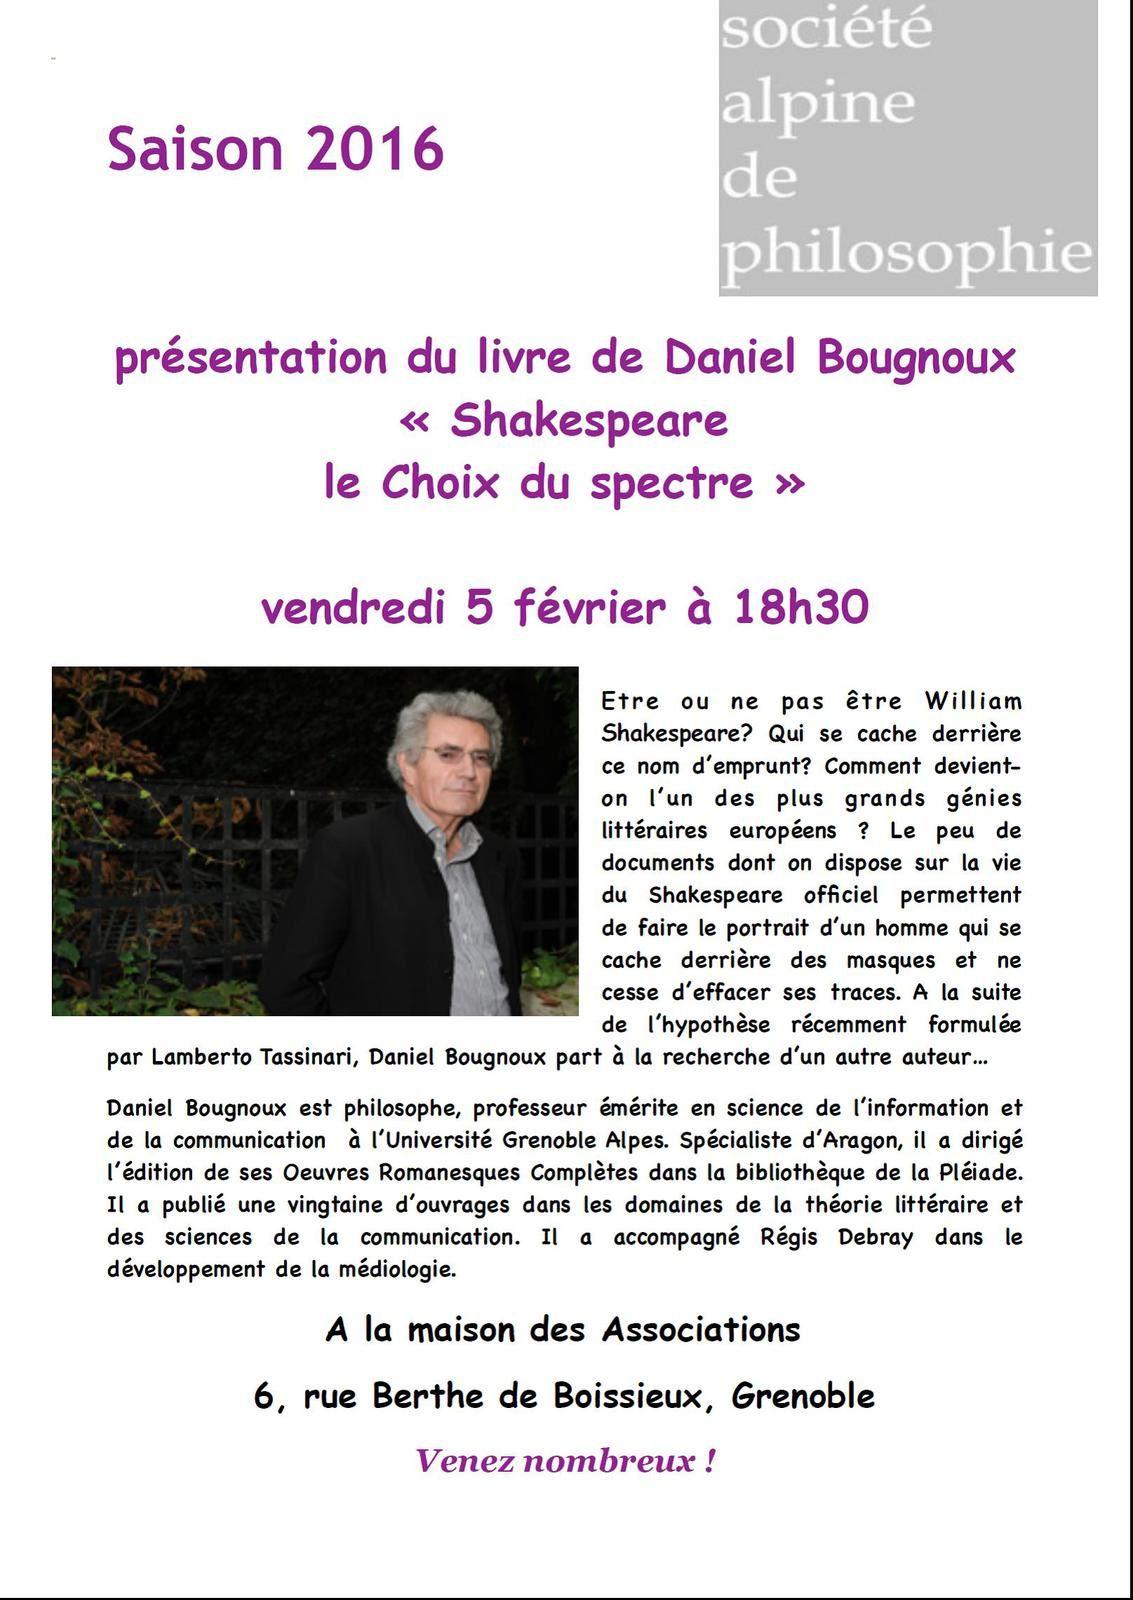 Présentation du livre de Daniel Bougnoux « Shakespeare le Choix du spectre »